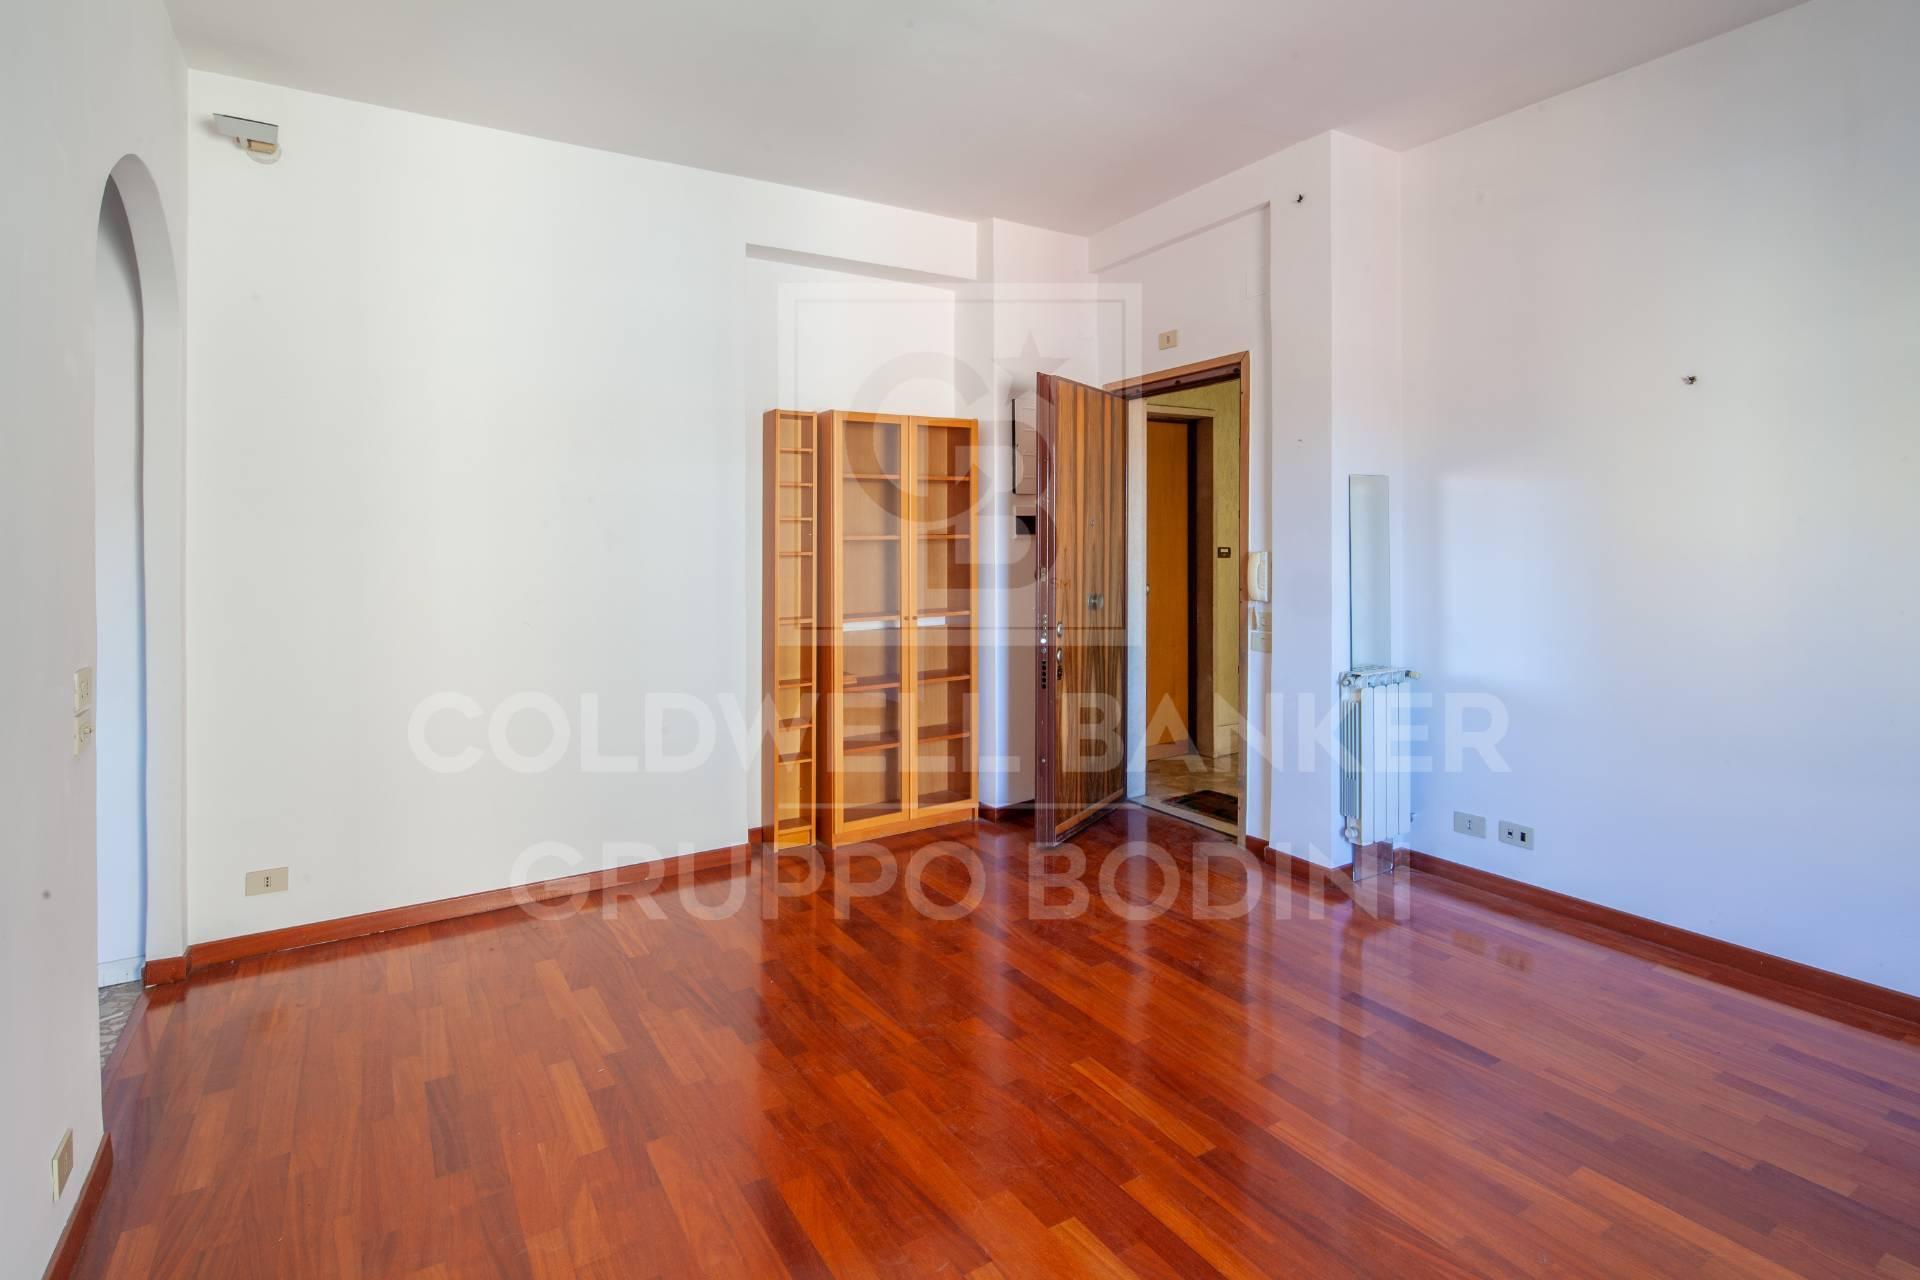 Appartamento in vendita a Roma, 4 locali, zona Zona: 19 . Colombo, Garbatella, Navigatori, Omboni, prezzo € 319.000   CambioCasa.it